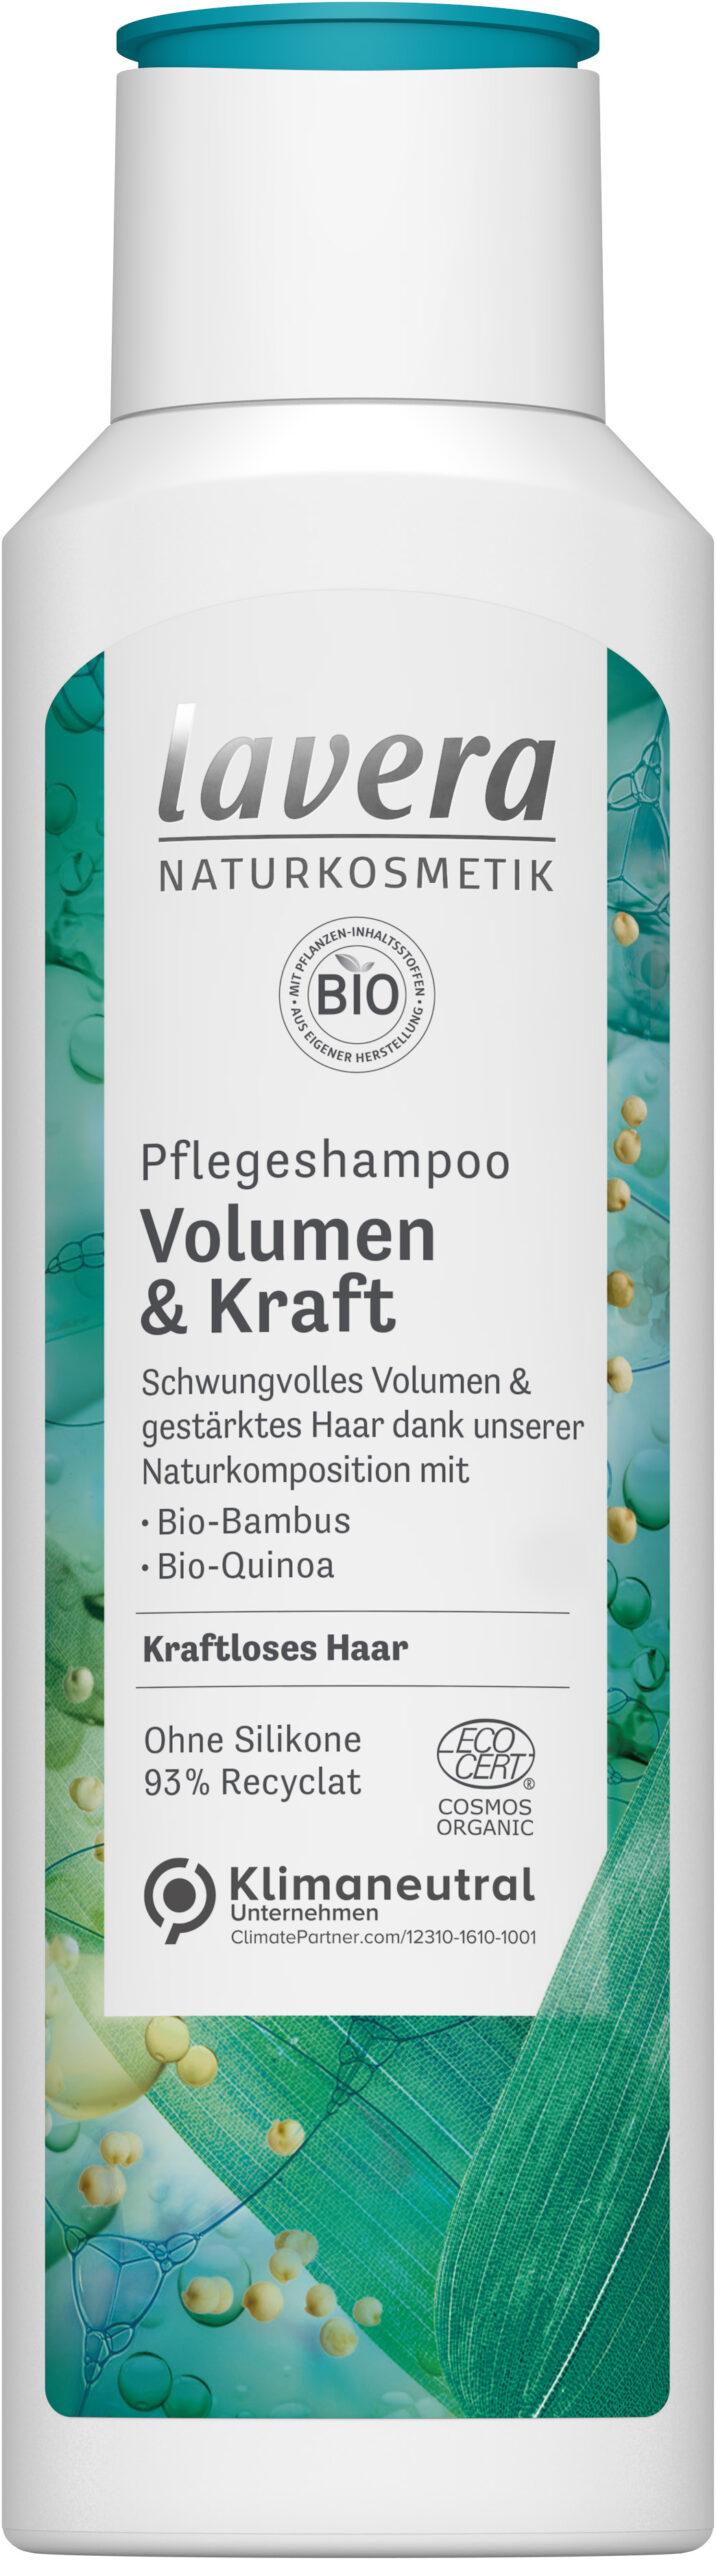 lavera Pflegeshampoo Volumen & Kraft 6x250ml